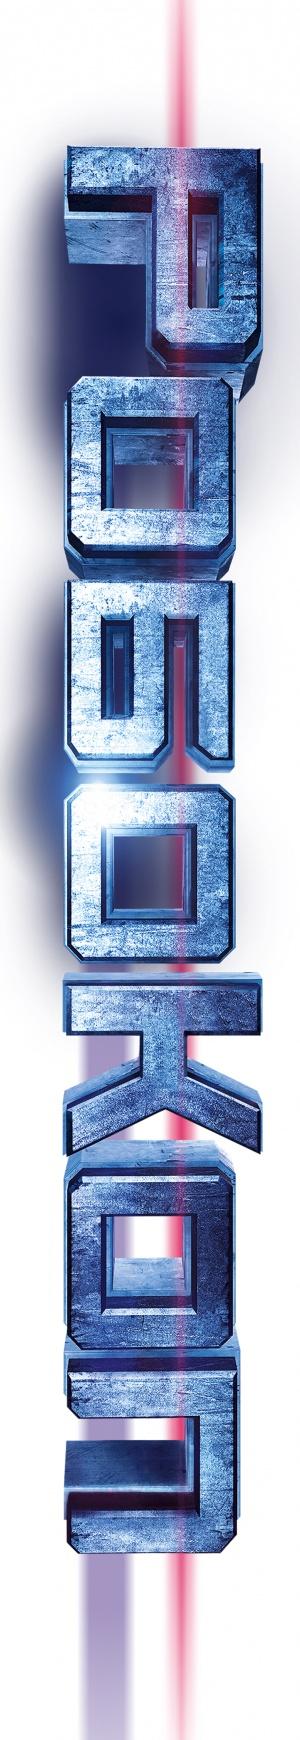 RoboCop 862x5000